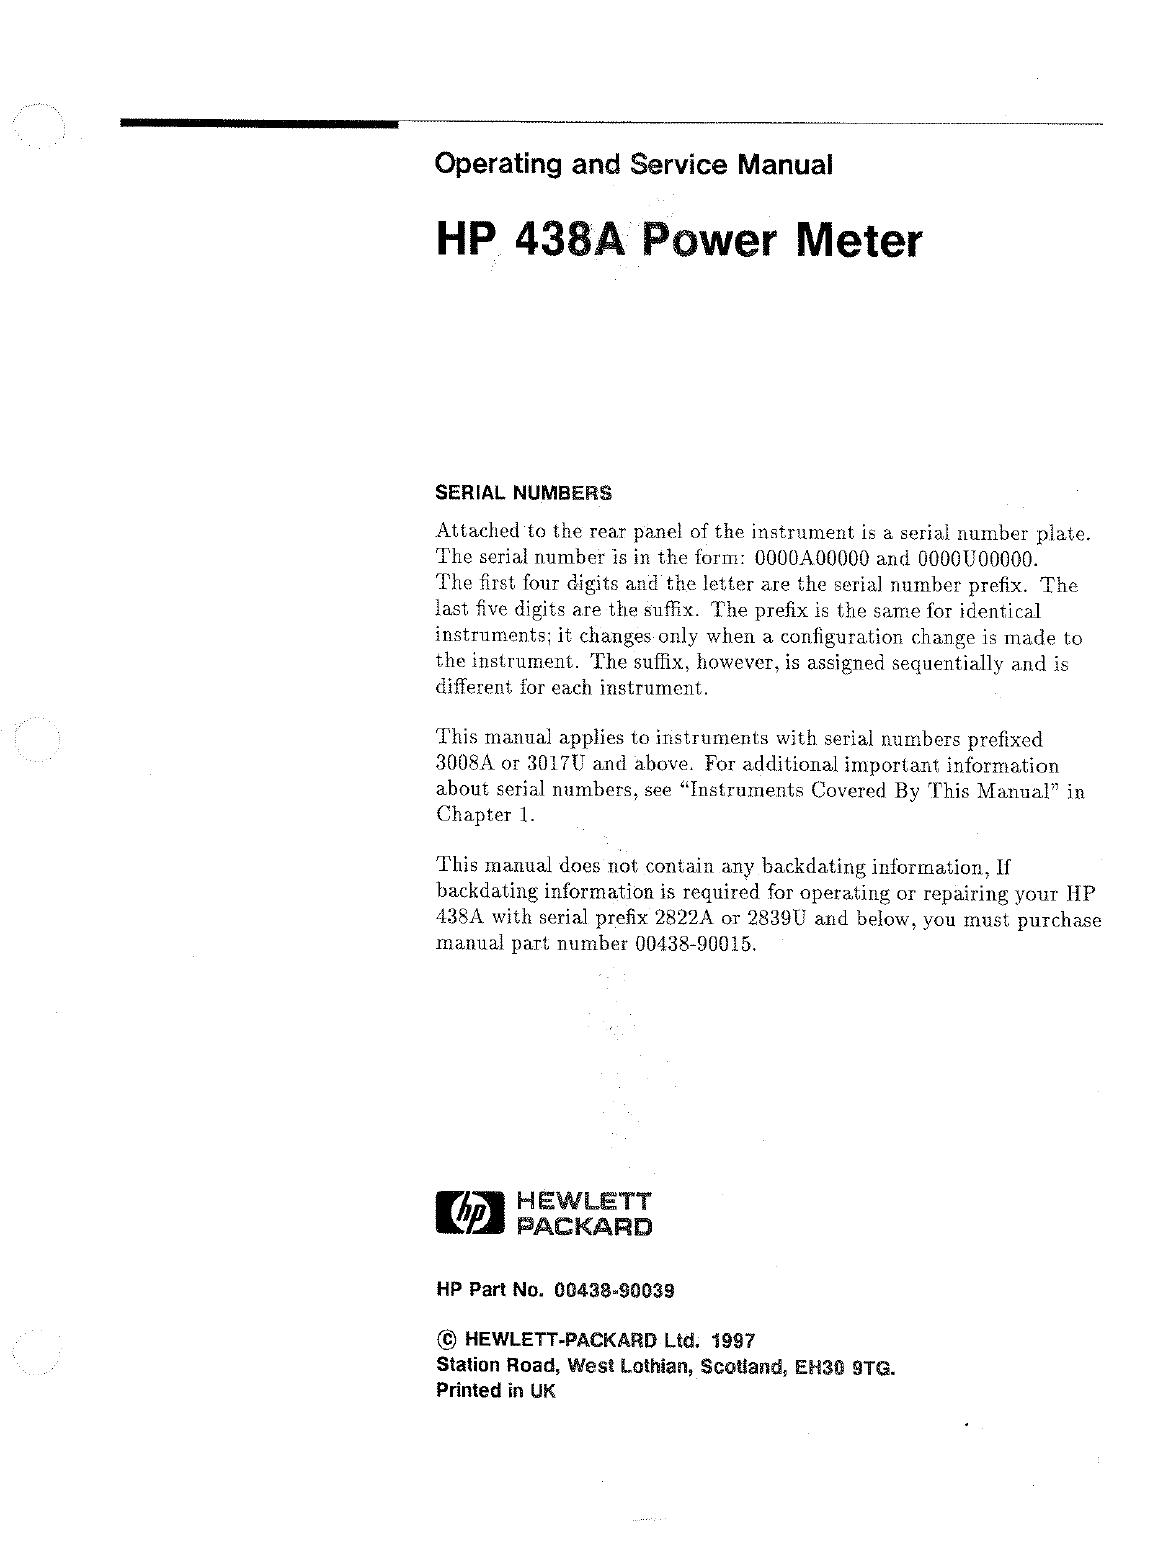 Hp 431c power meter operating & service manual $35. 00   picclick.